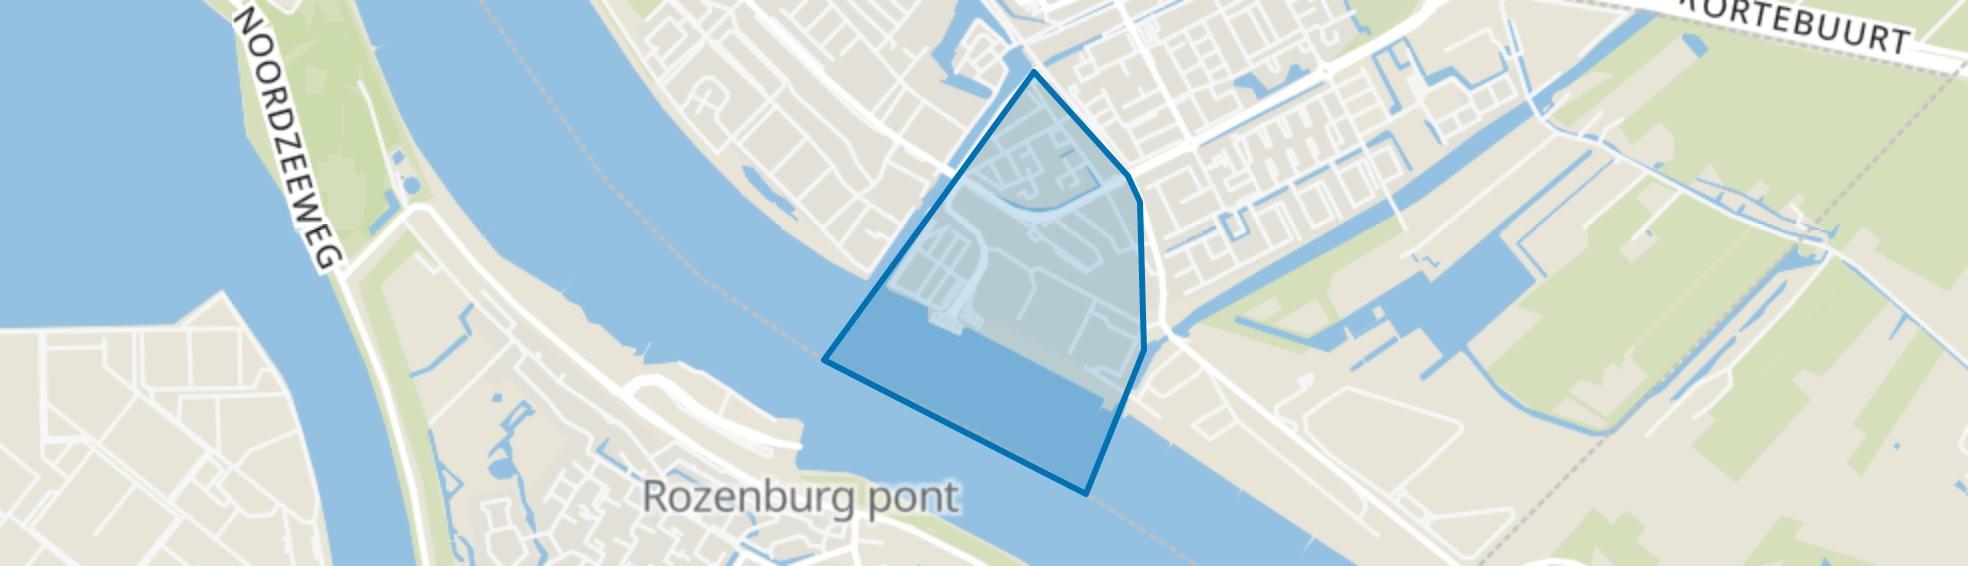 Taanschuurpolder, Maassluis map